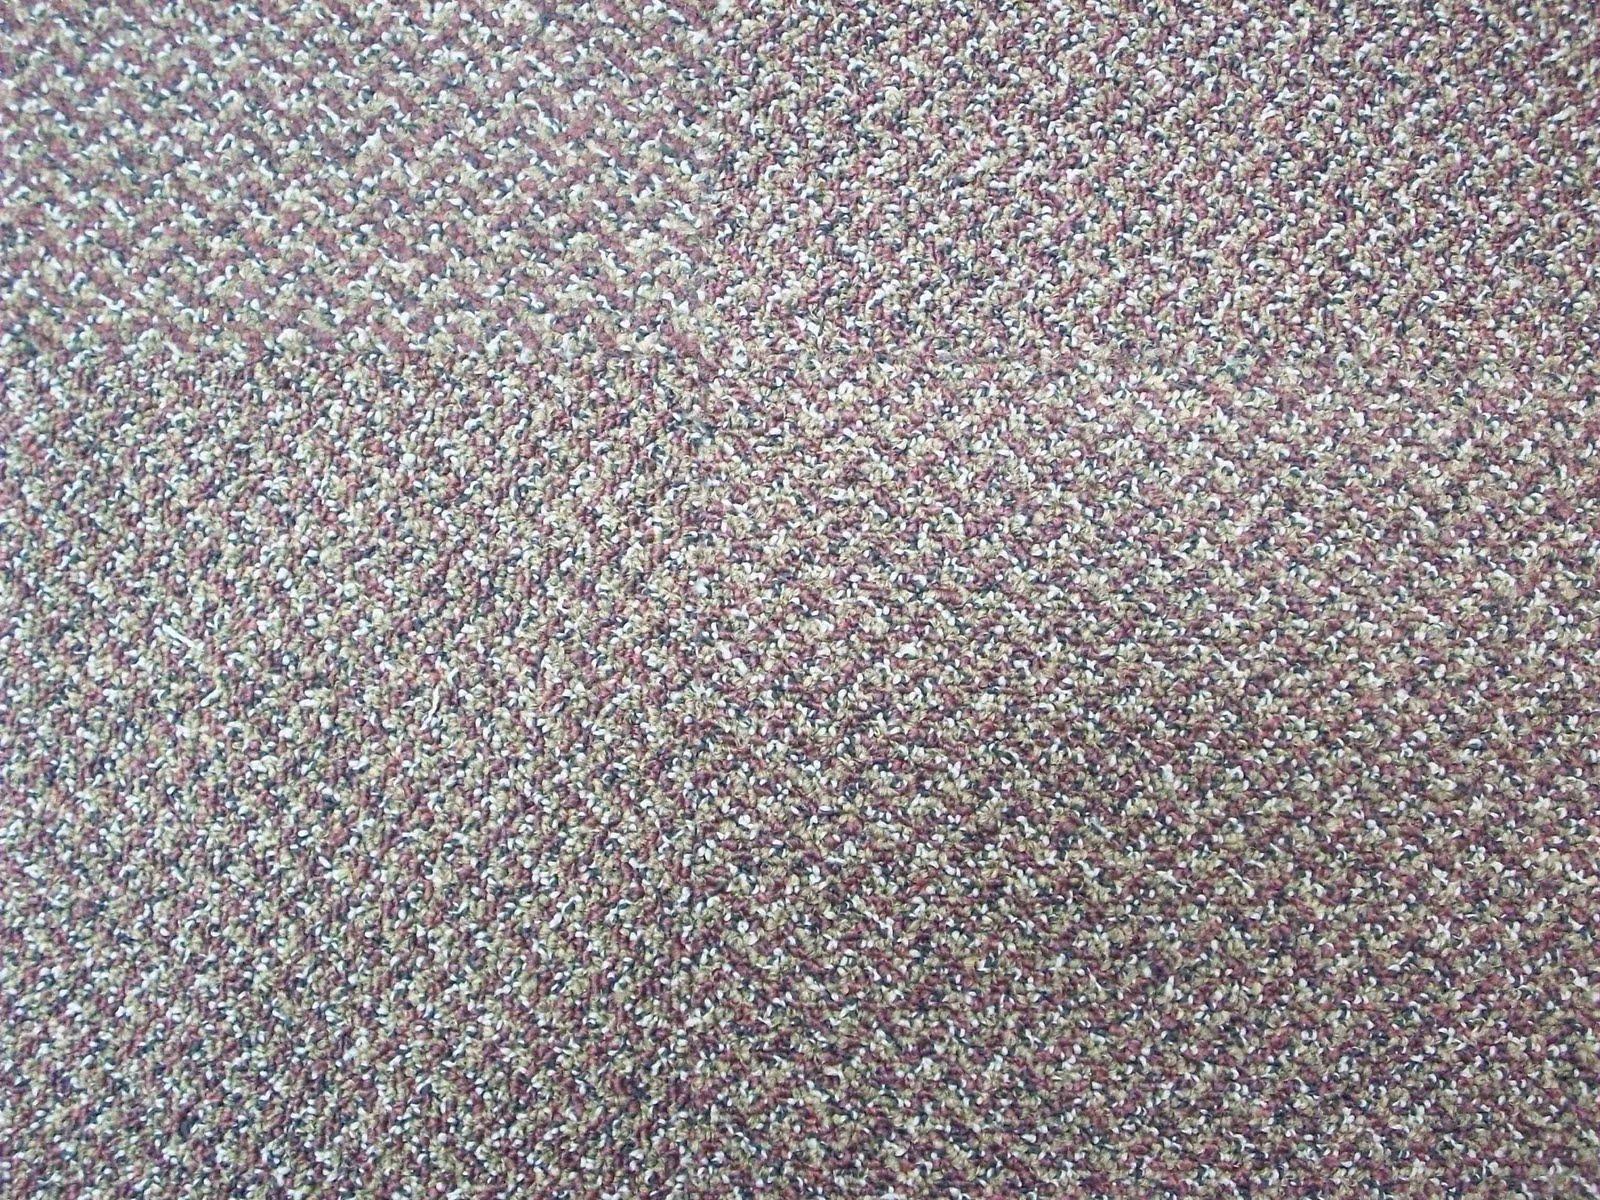 Haec Est Domus Domini: School gets new carpet